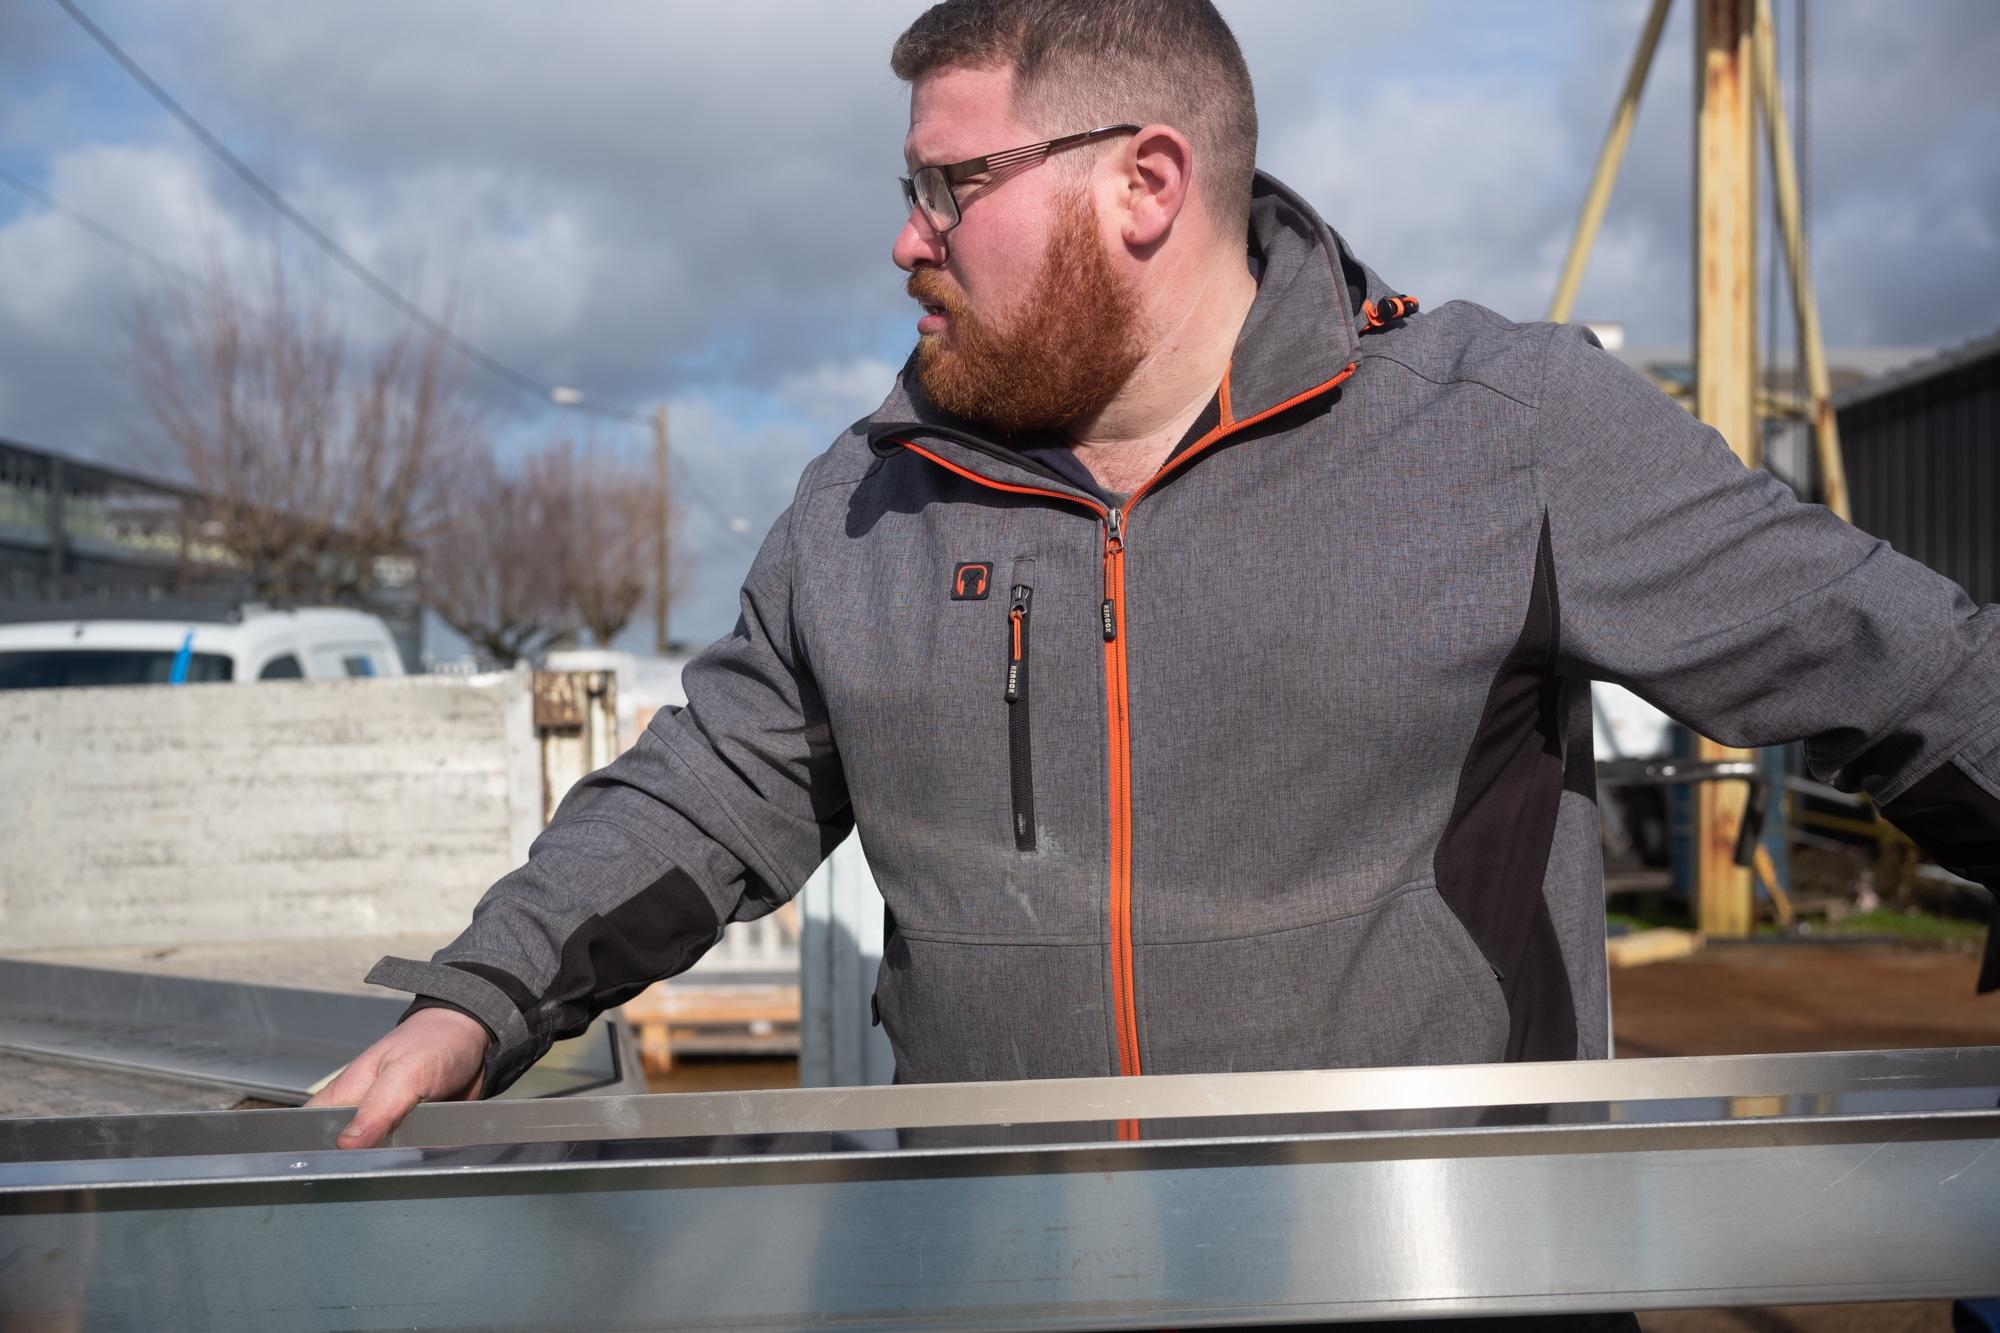 Arnaud, de face, transporte une structure métallique en extérieur